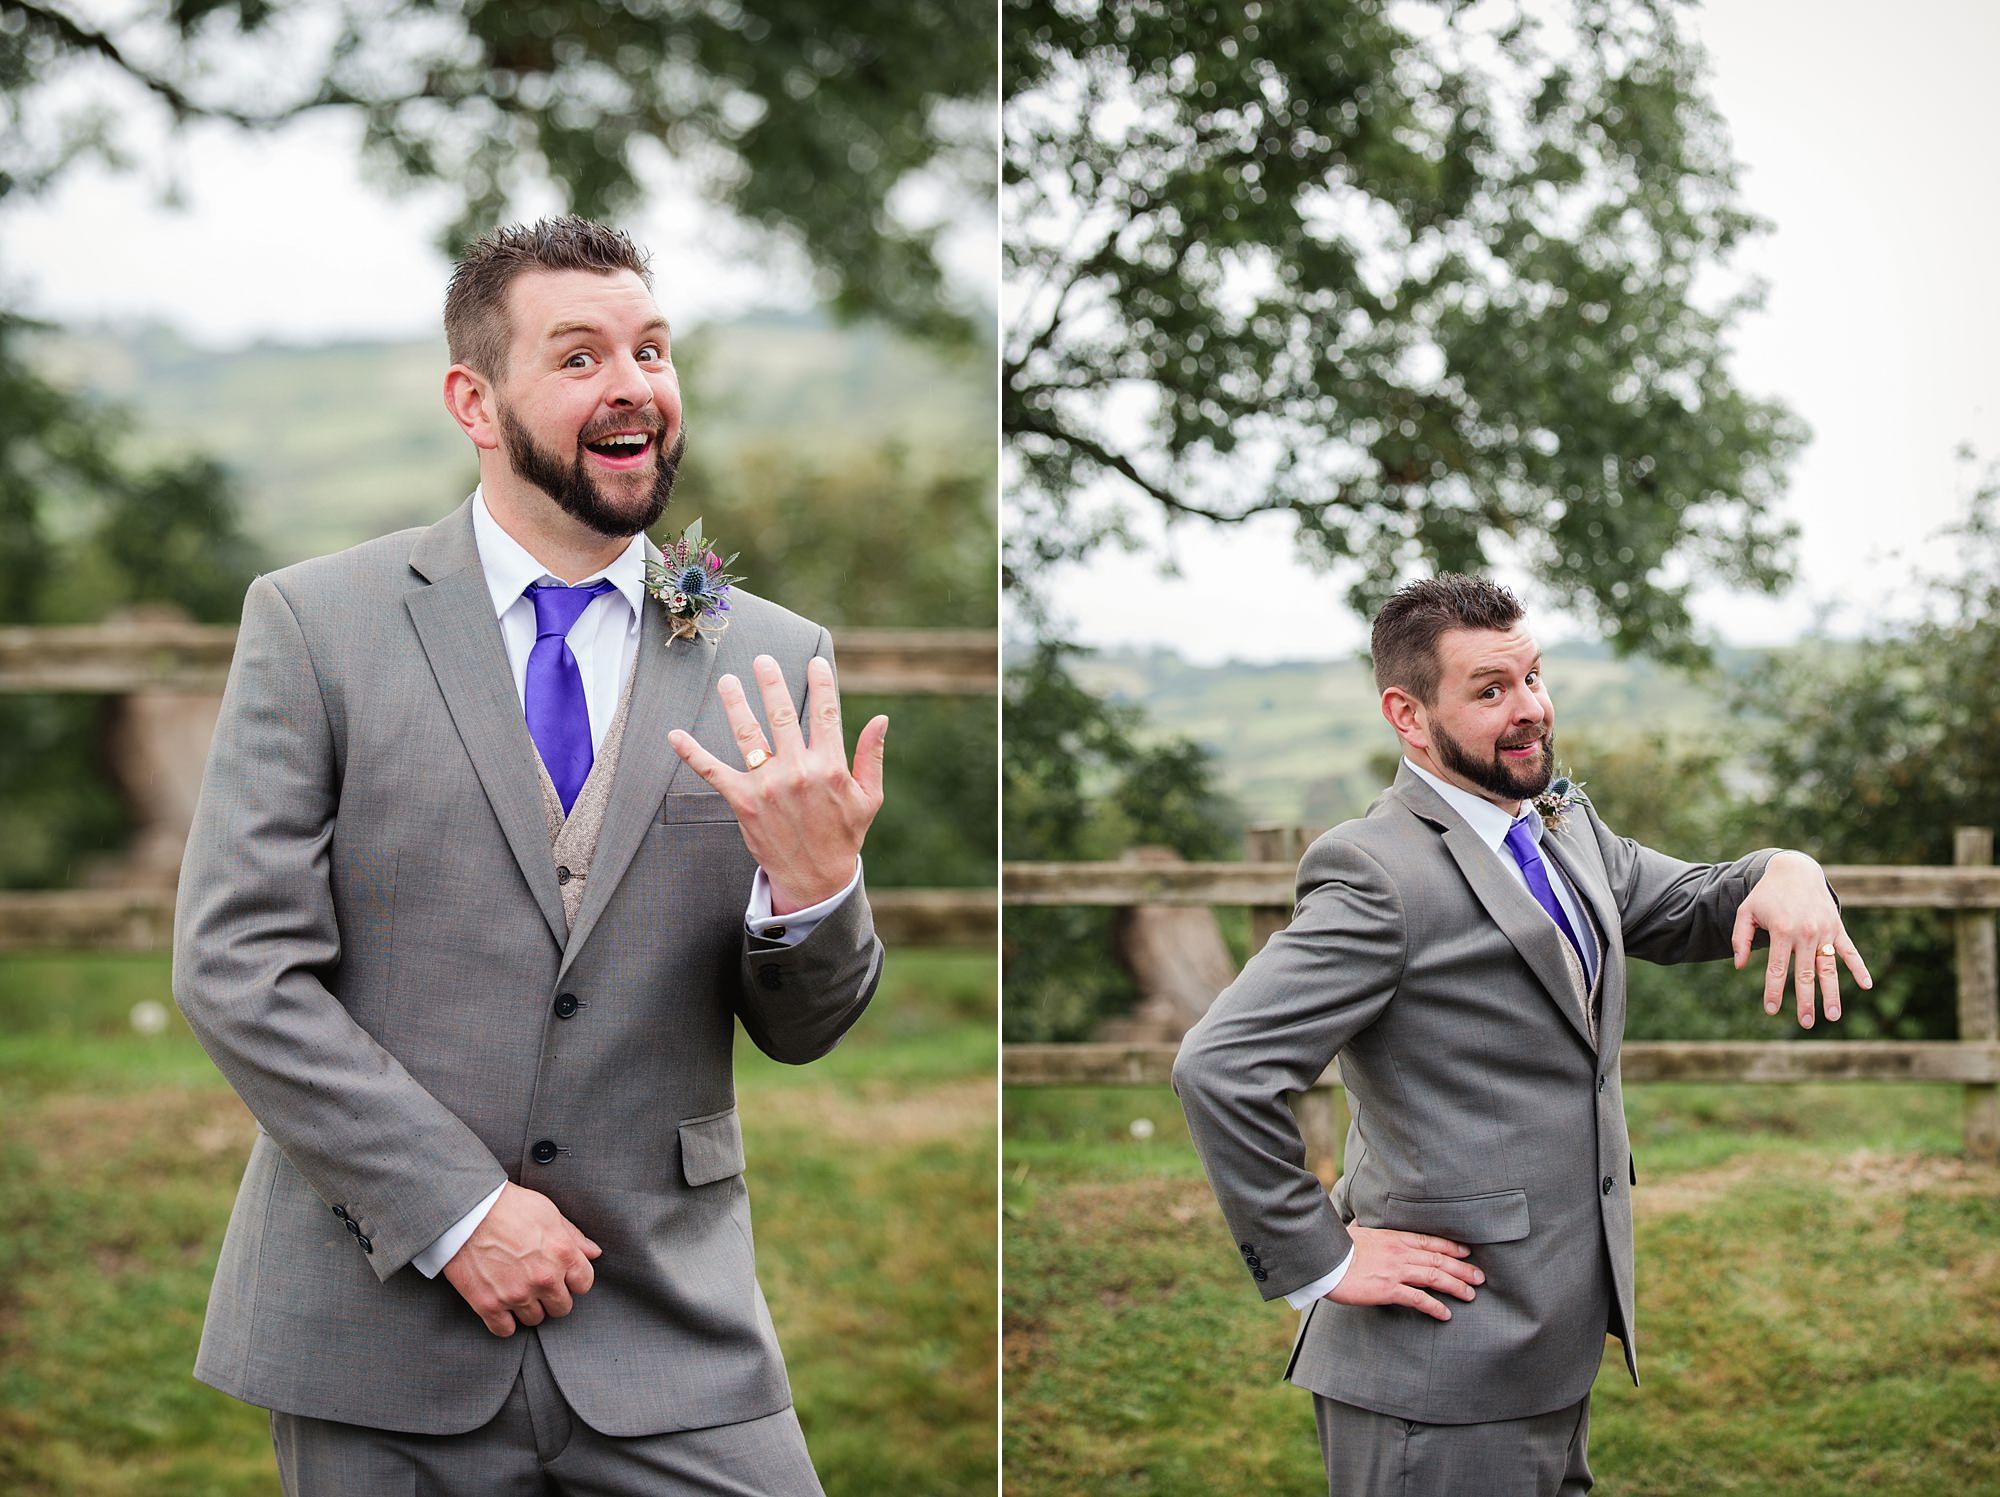 A fun wedding portrait of groom at Plas Isaf wedding